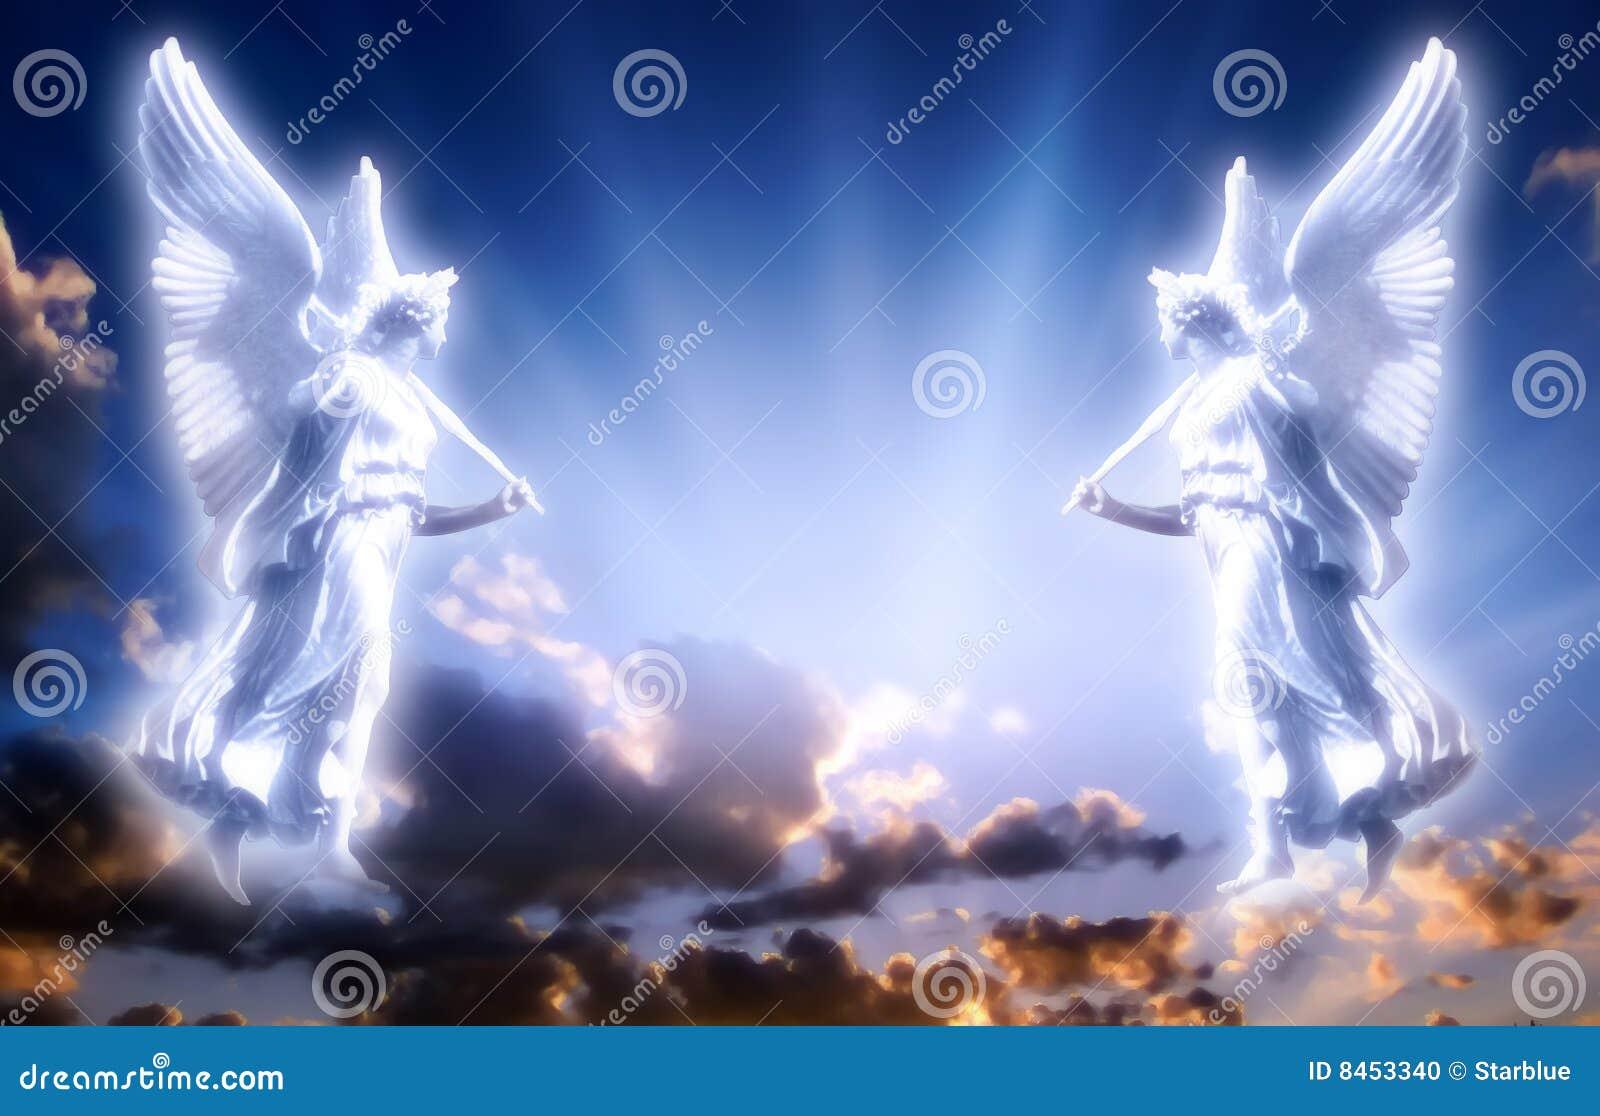 θείο φως αγγέλων